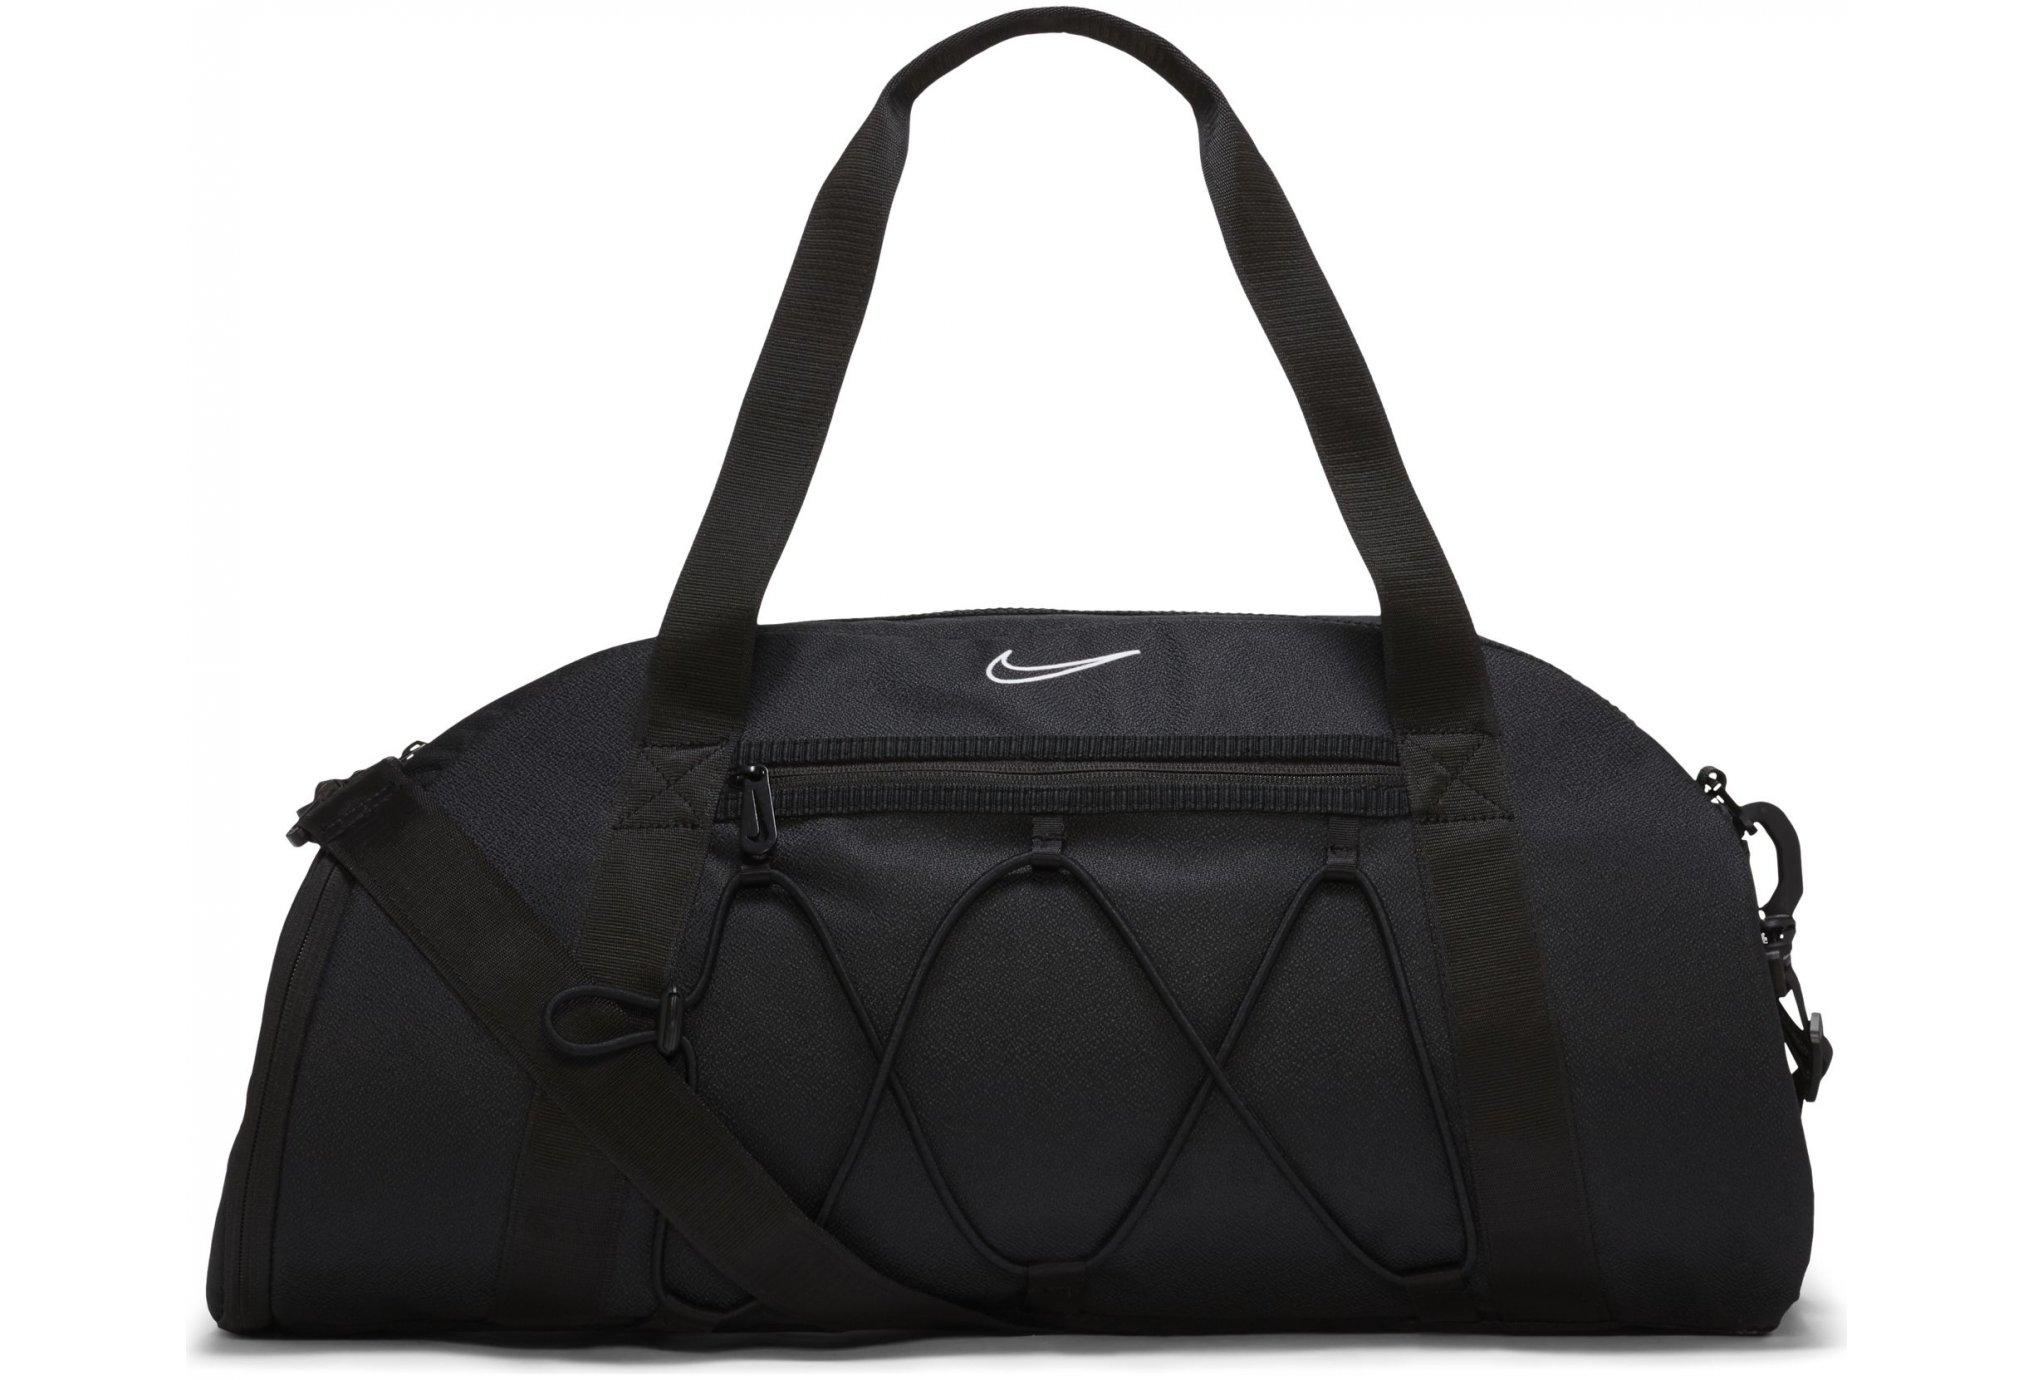 Nike One Club W Diététique Accessoires